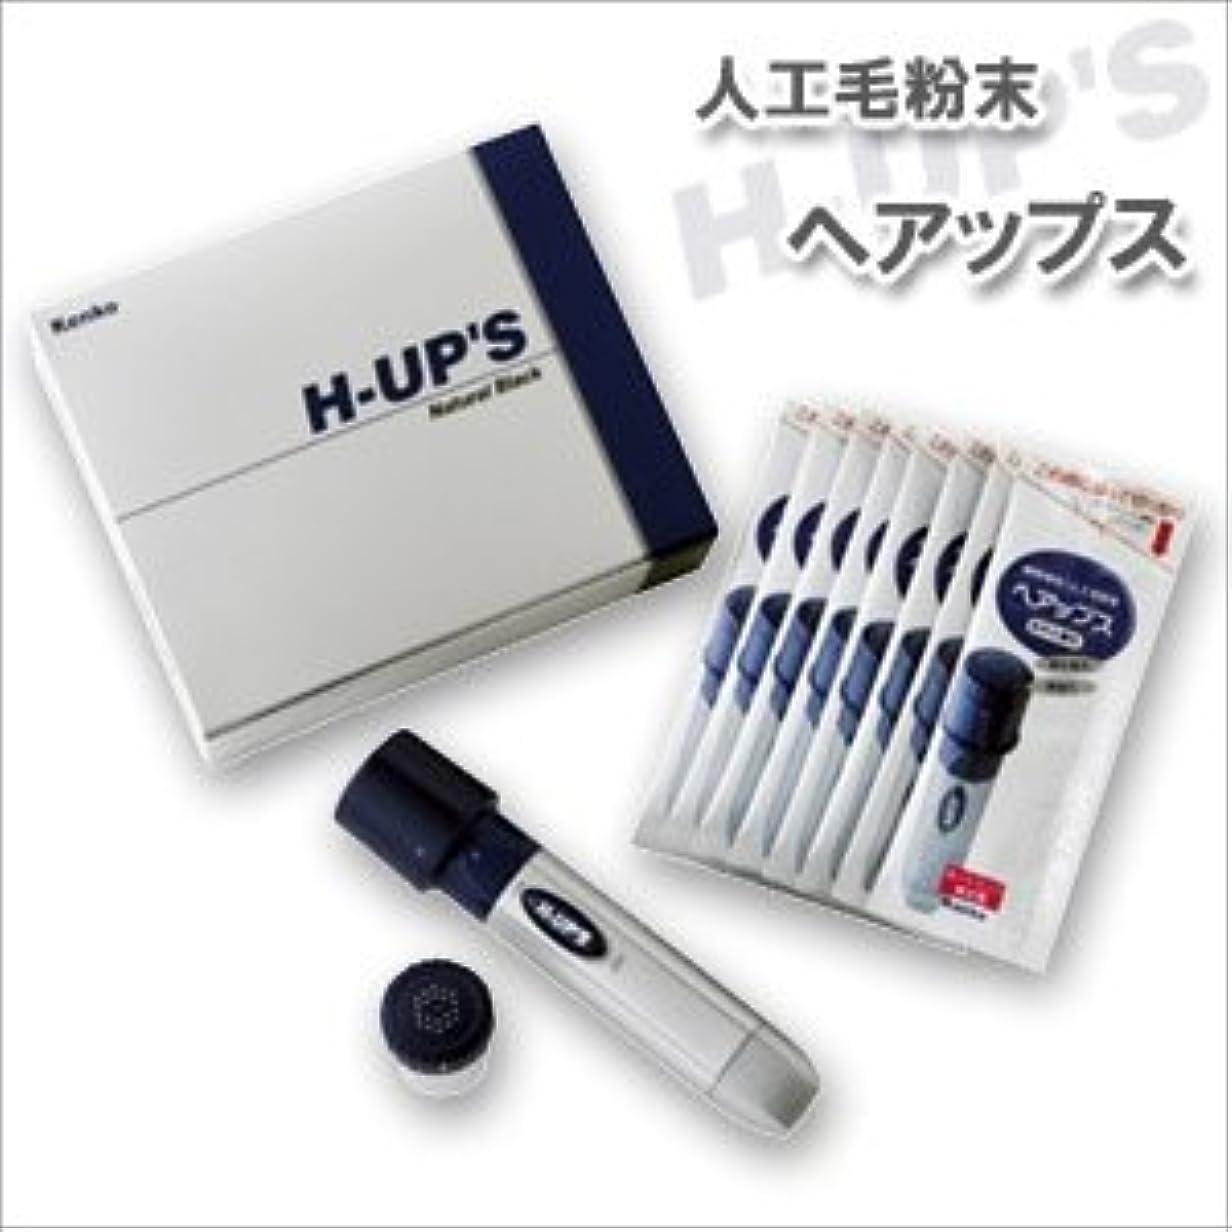 皮肉頂点枯れるH-UP S ヘアップス 電動散布器本体 プラス 補充用カートリッジ 頭皮薄毛カバー粉末 ブラック